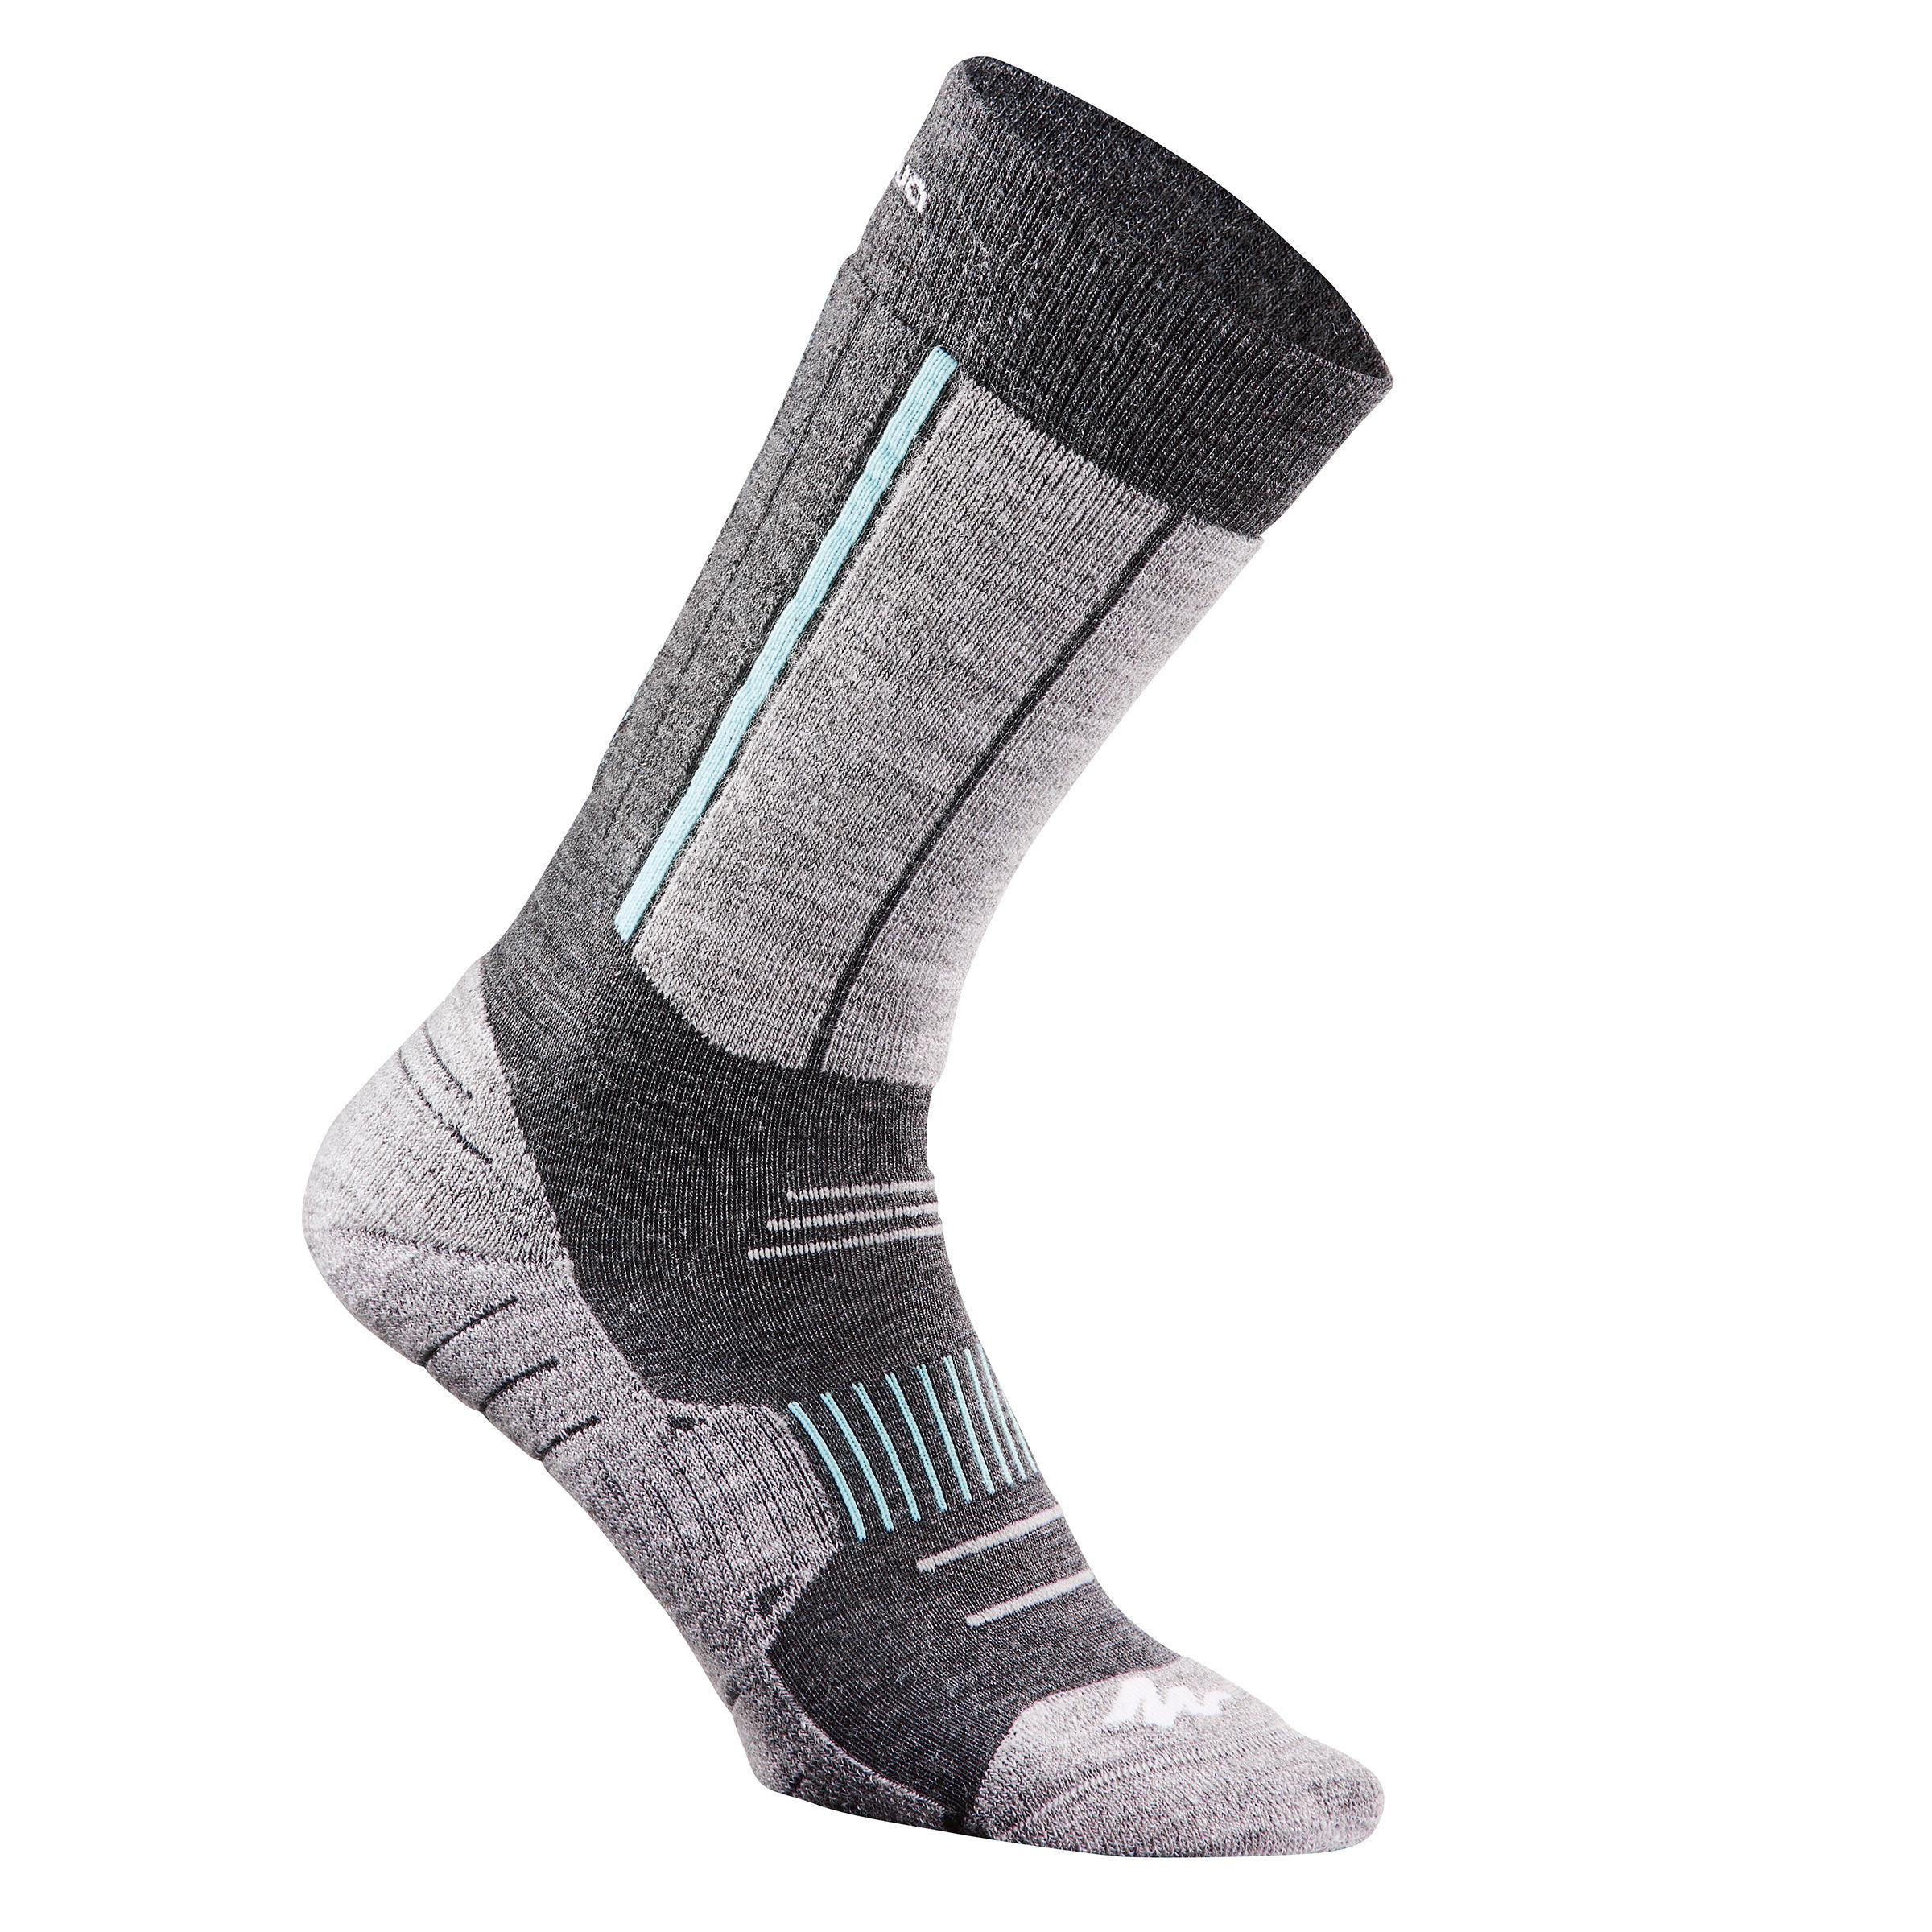 Chaussettes de randonnée neige adulte SH520 x-warm mi-hauteur grises ice